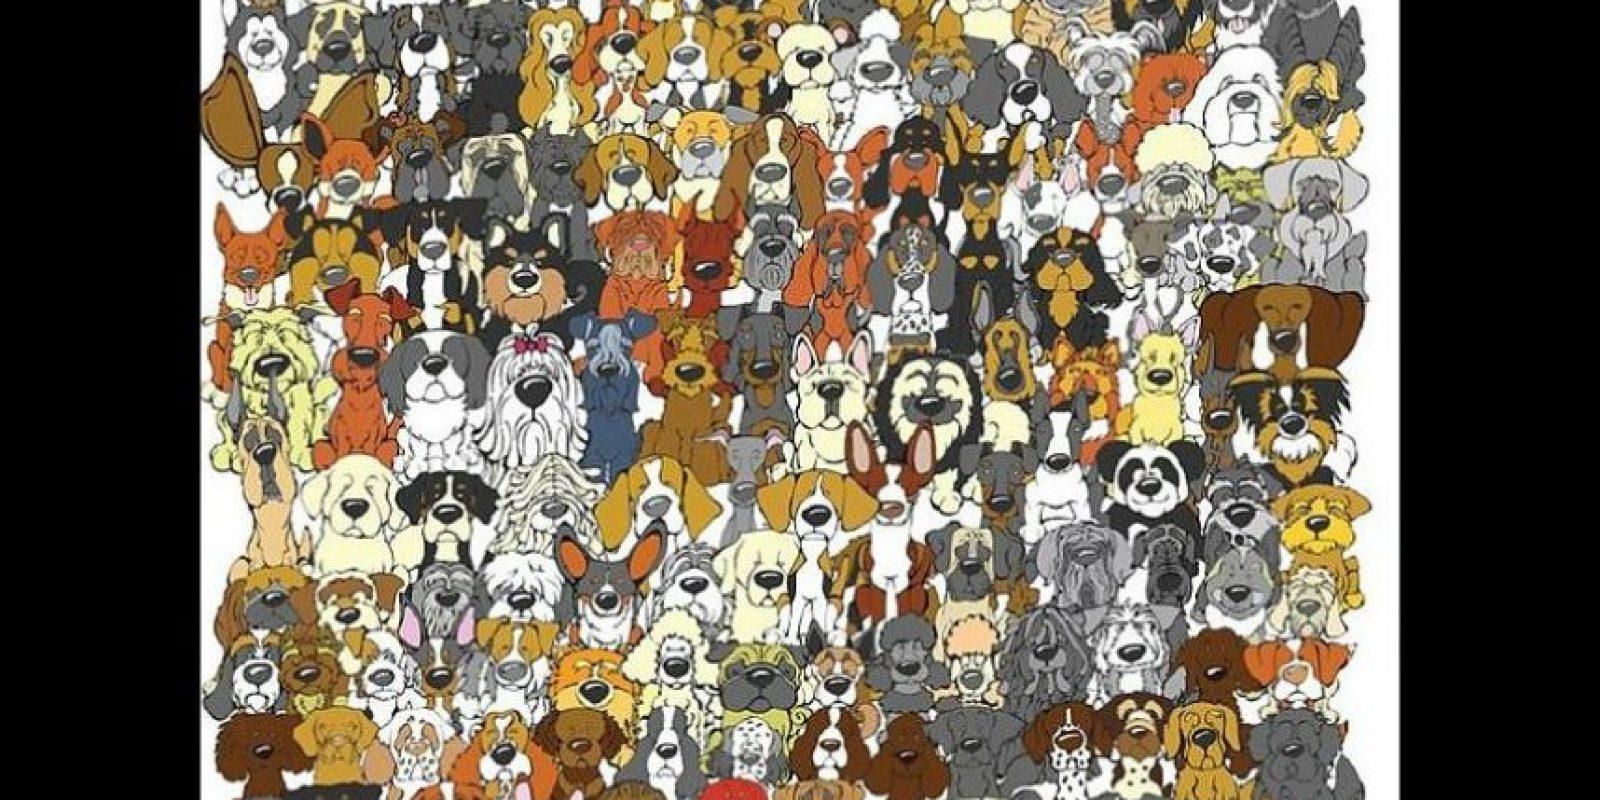 ¿Dónde está el panda? Foto:Playbuzz